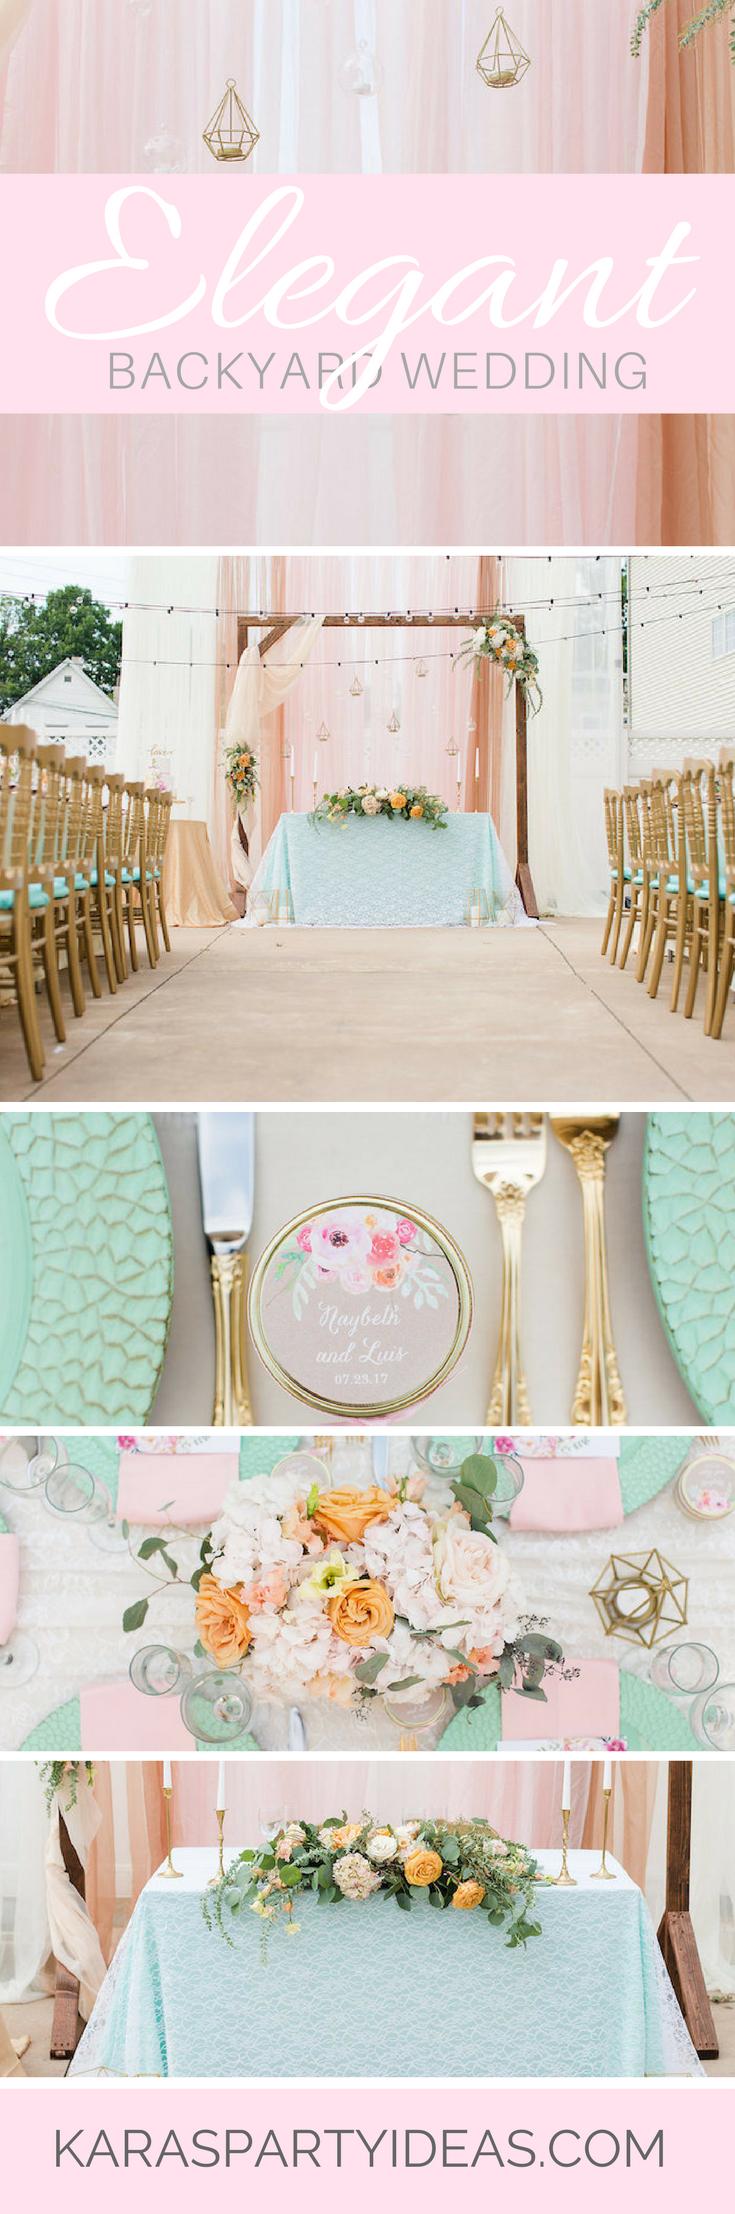 Kara\'s Party Ideas Elegant Backyard Wedding | Kara\'s Party Ideas